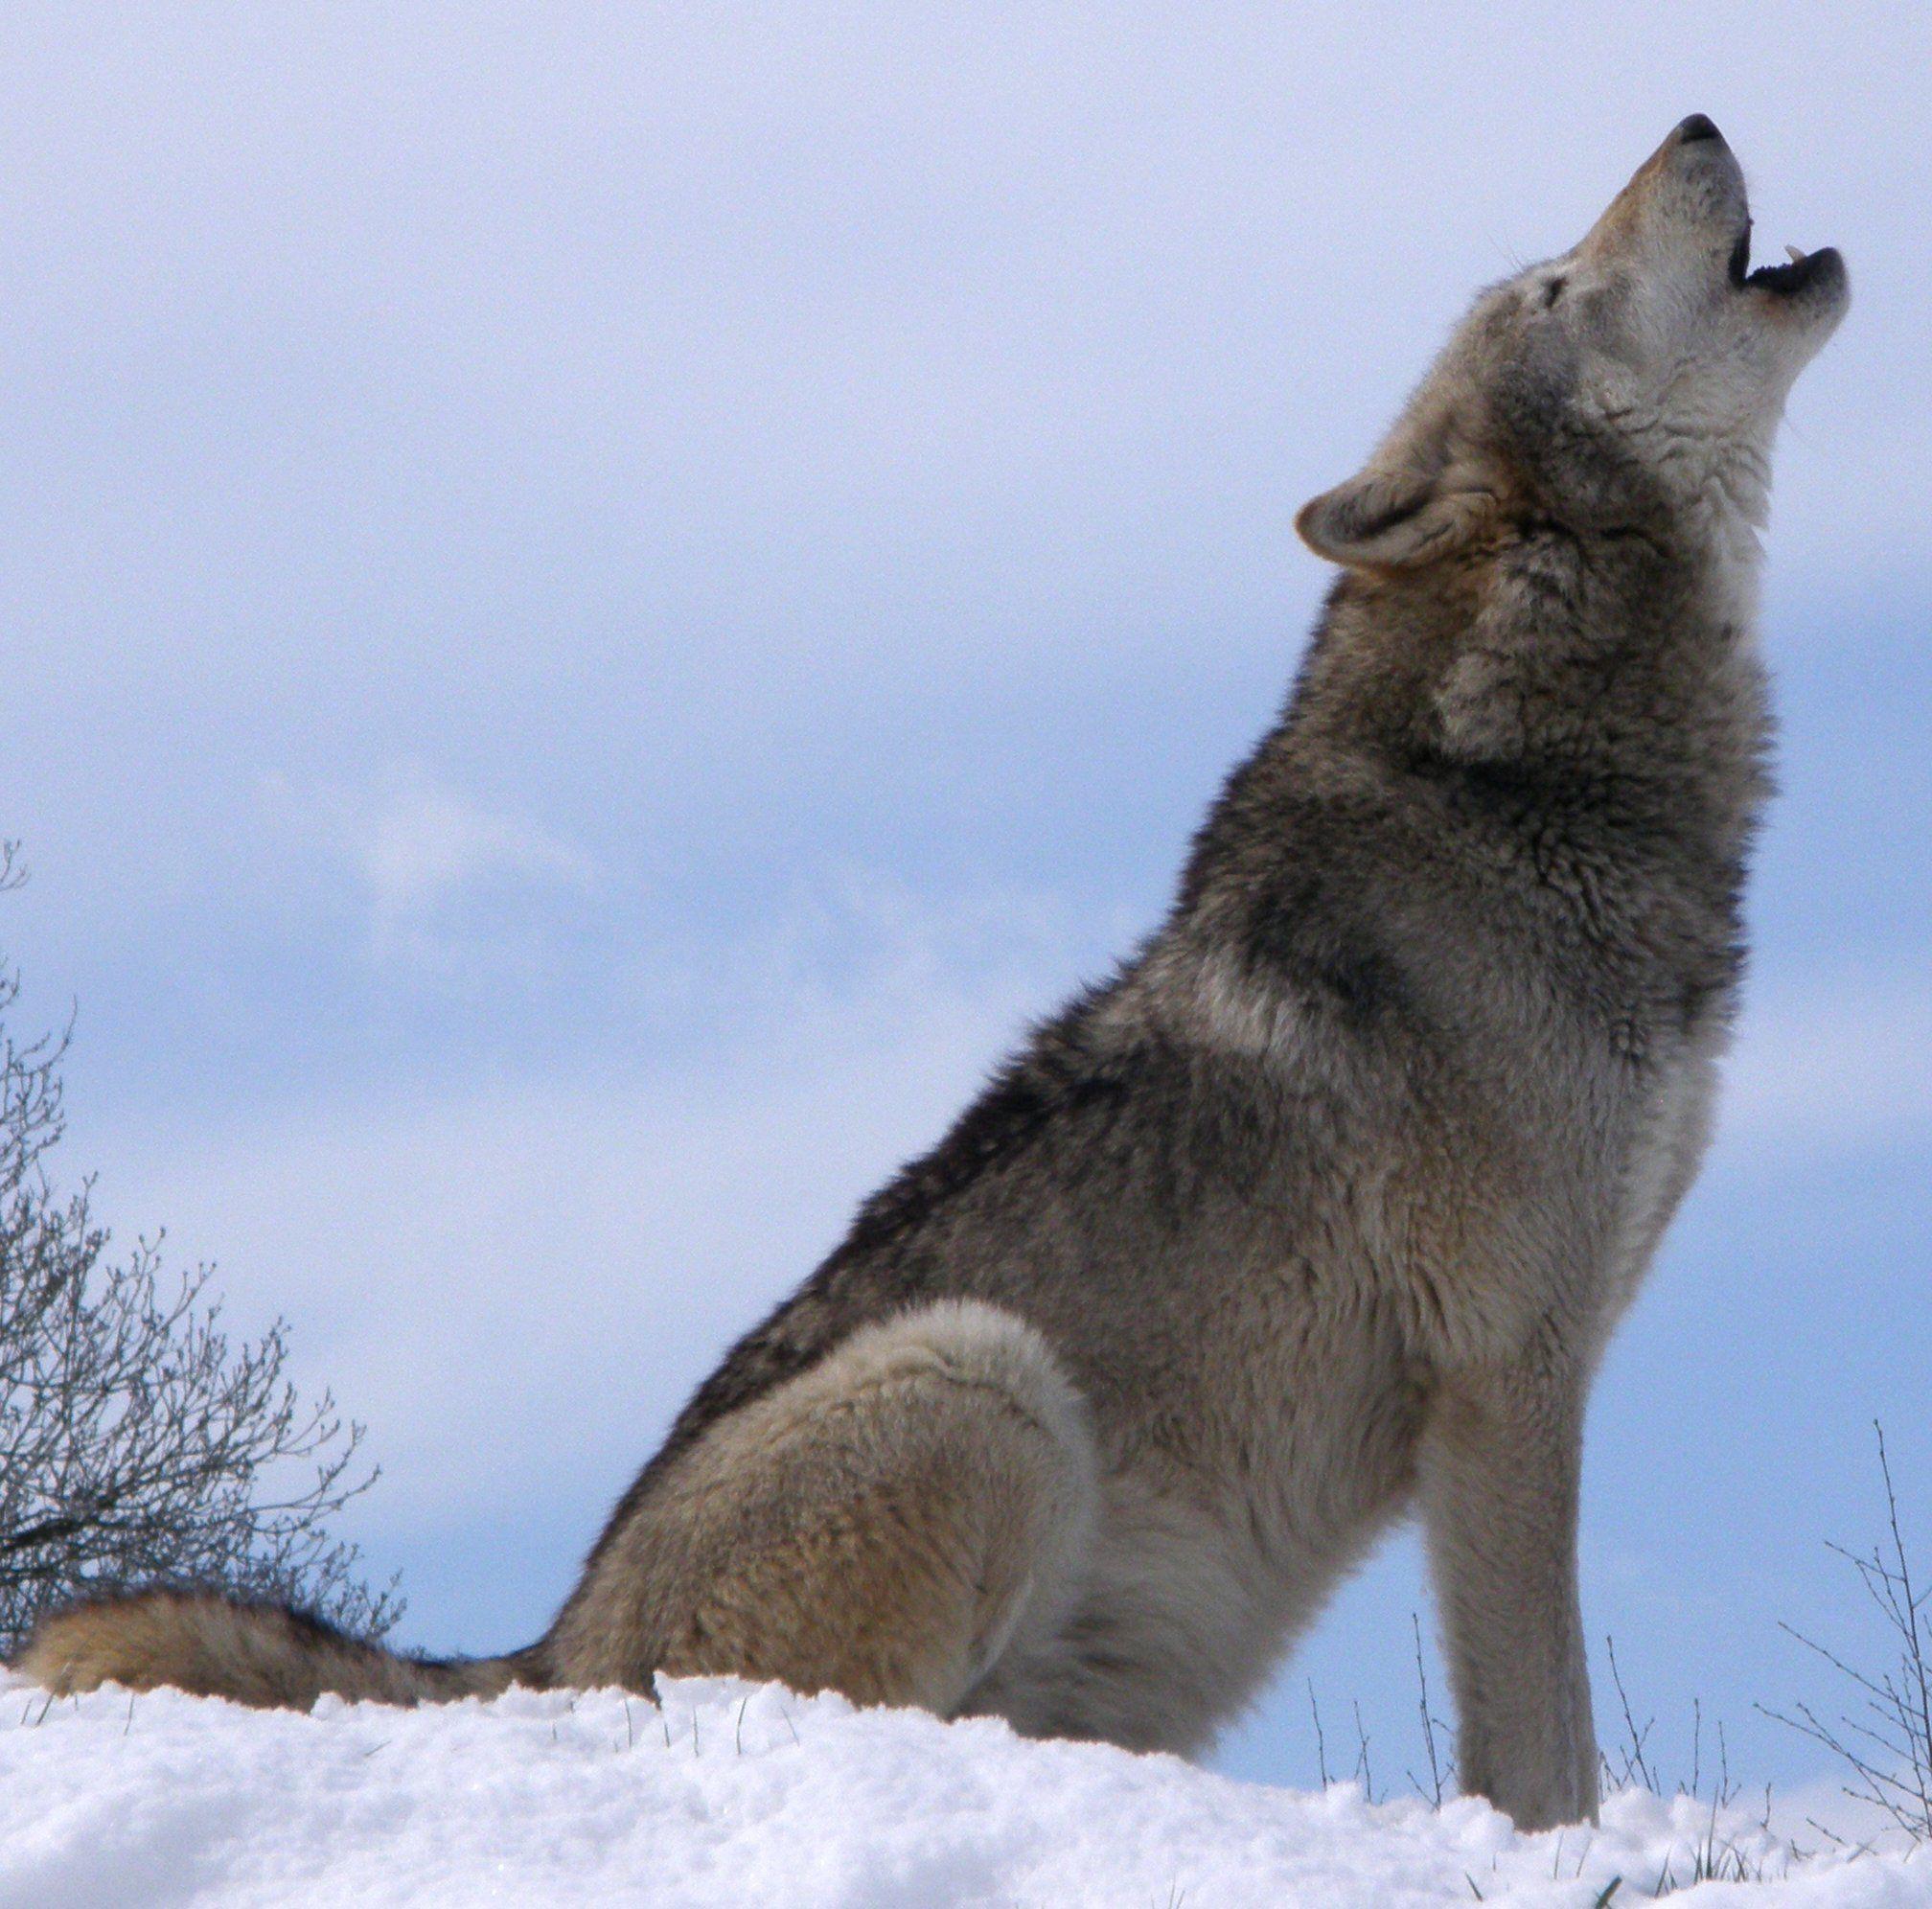 L'écologiste est doux comme un agneau, sauf quand il devient féroce comme un loup.